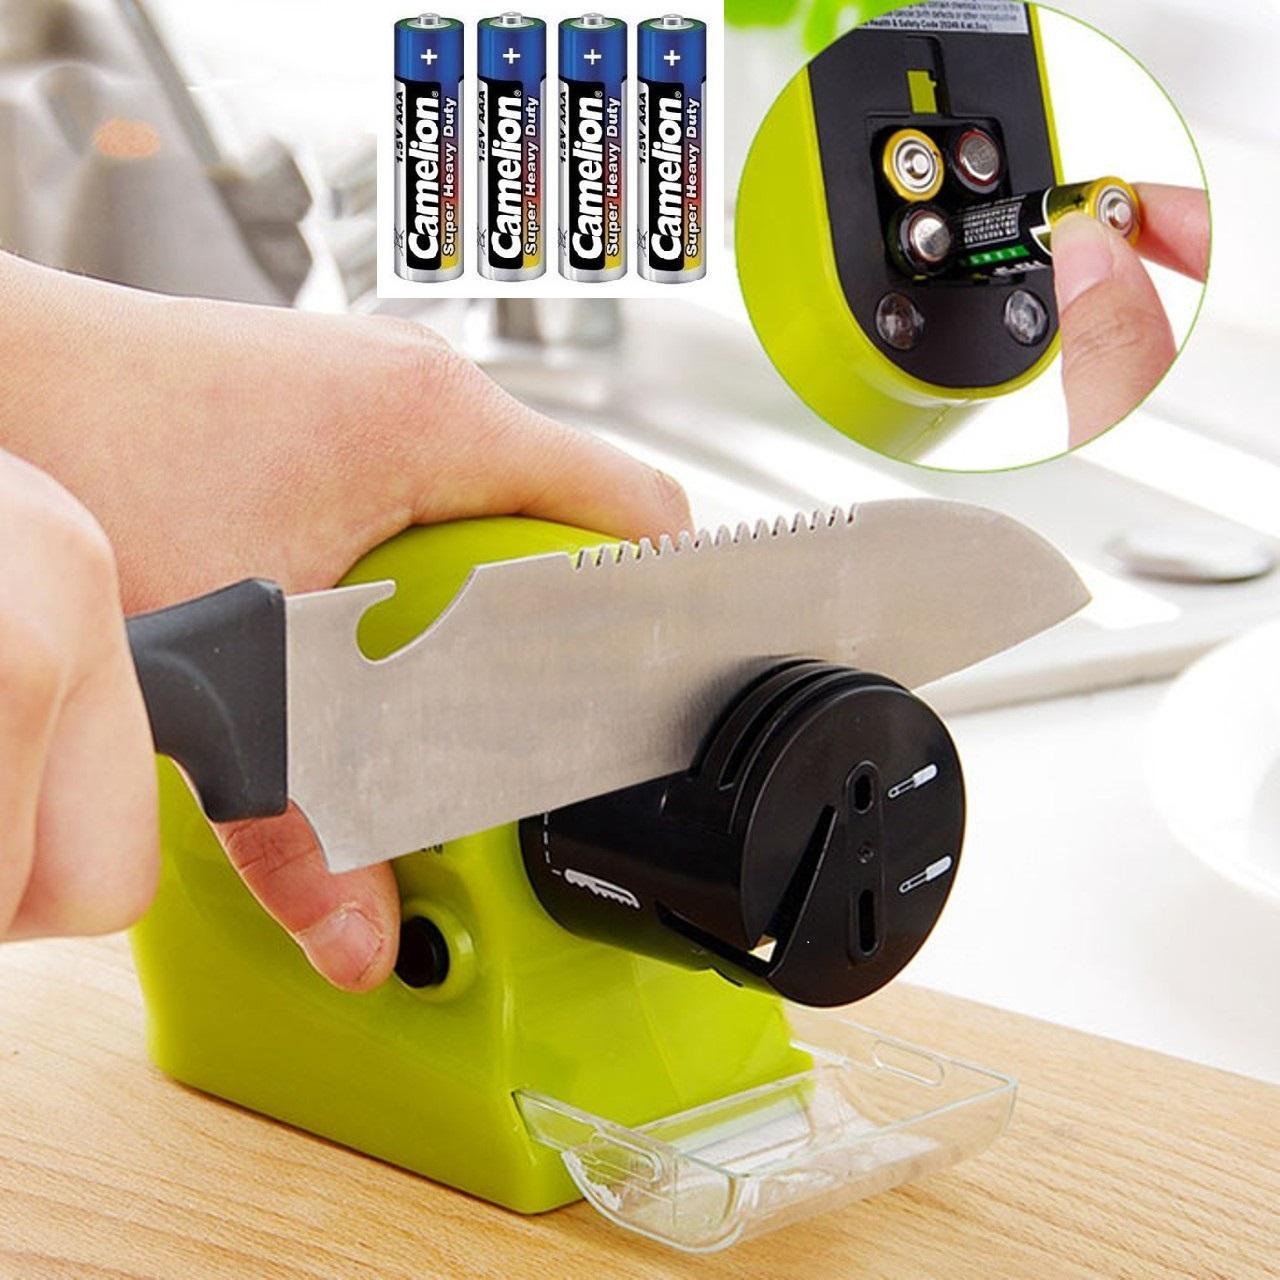 COMBO Dụng cụ mài dao kéo Swifty Sharp đa năng, tiện dụng và 4 pin AA